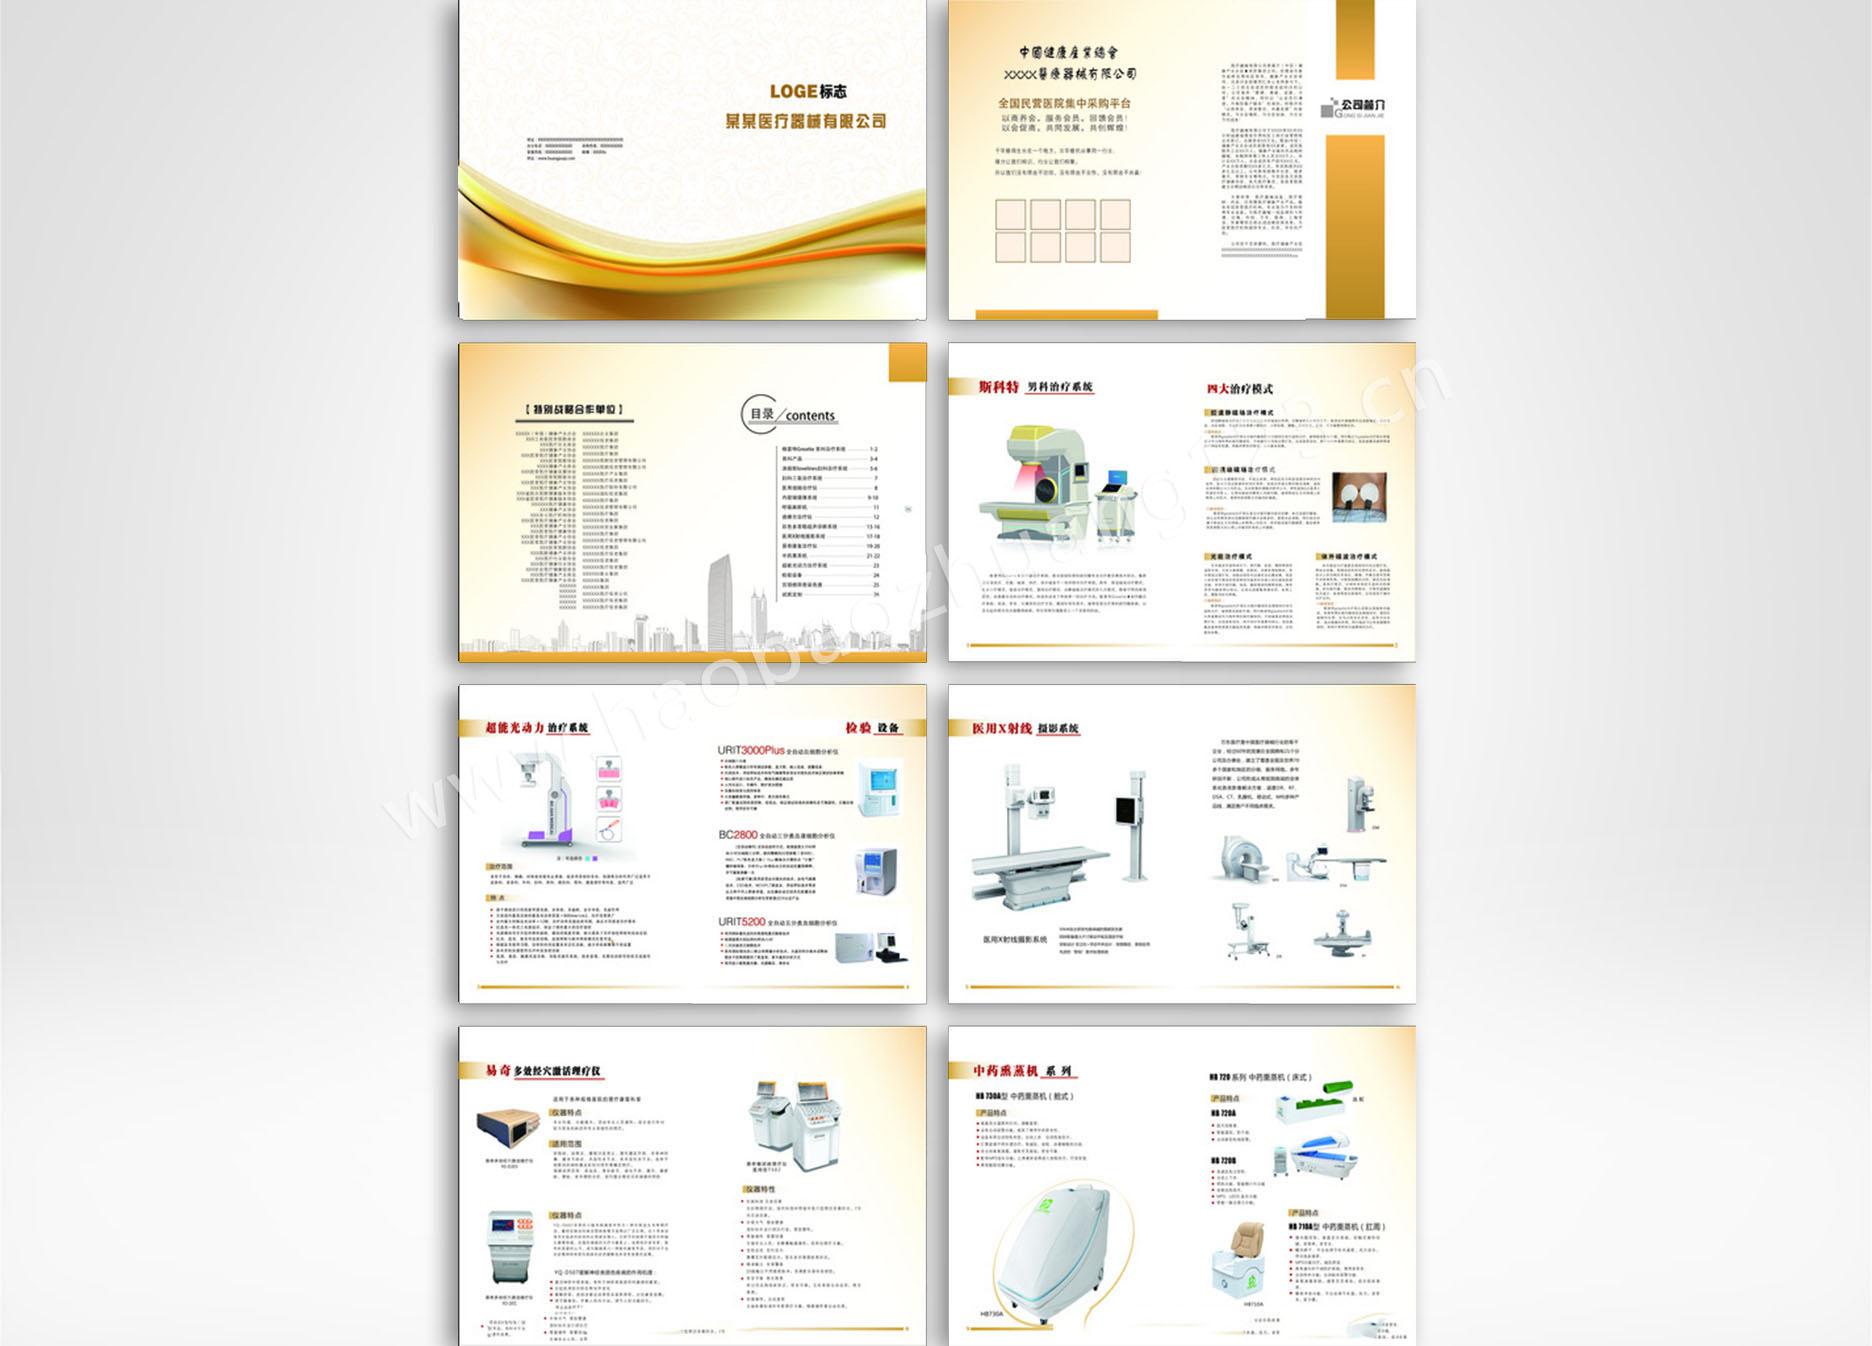 品牌包装的优势及优质包装的设计规则有哪些